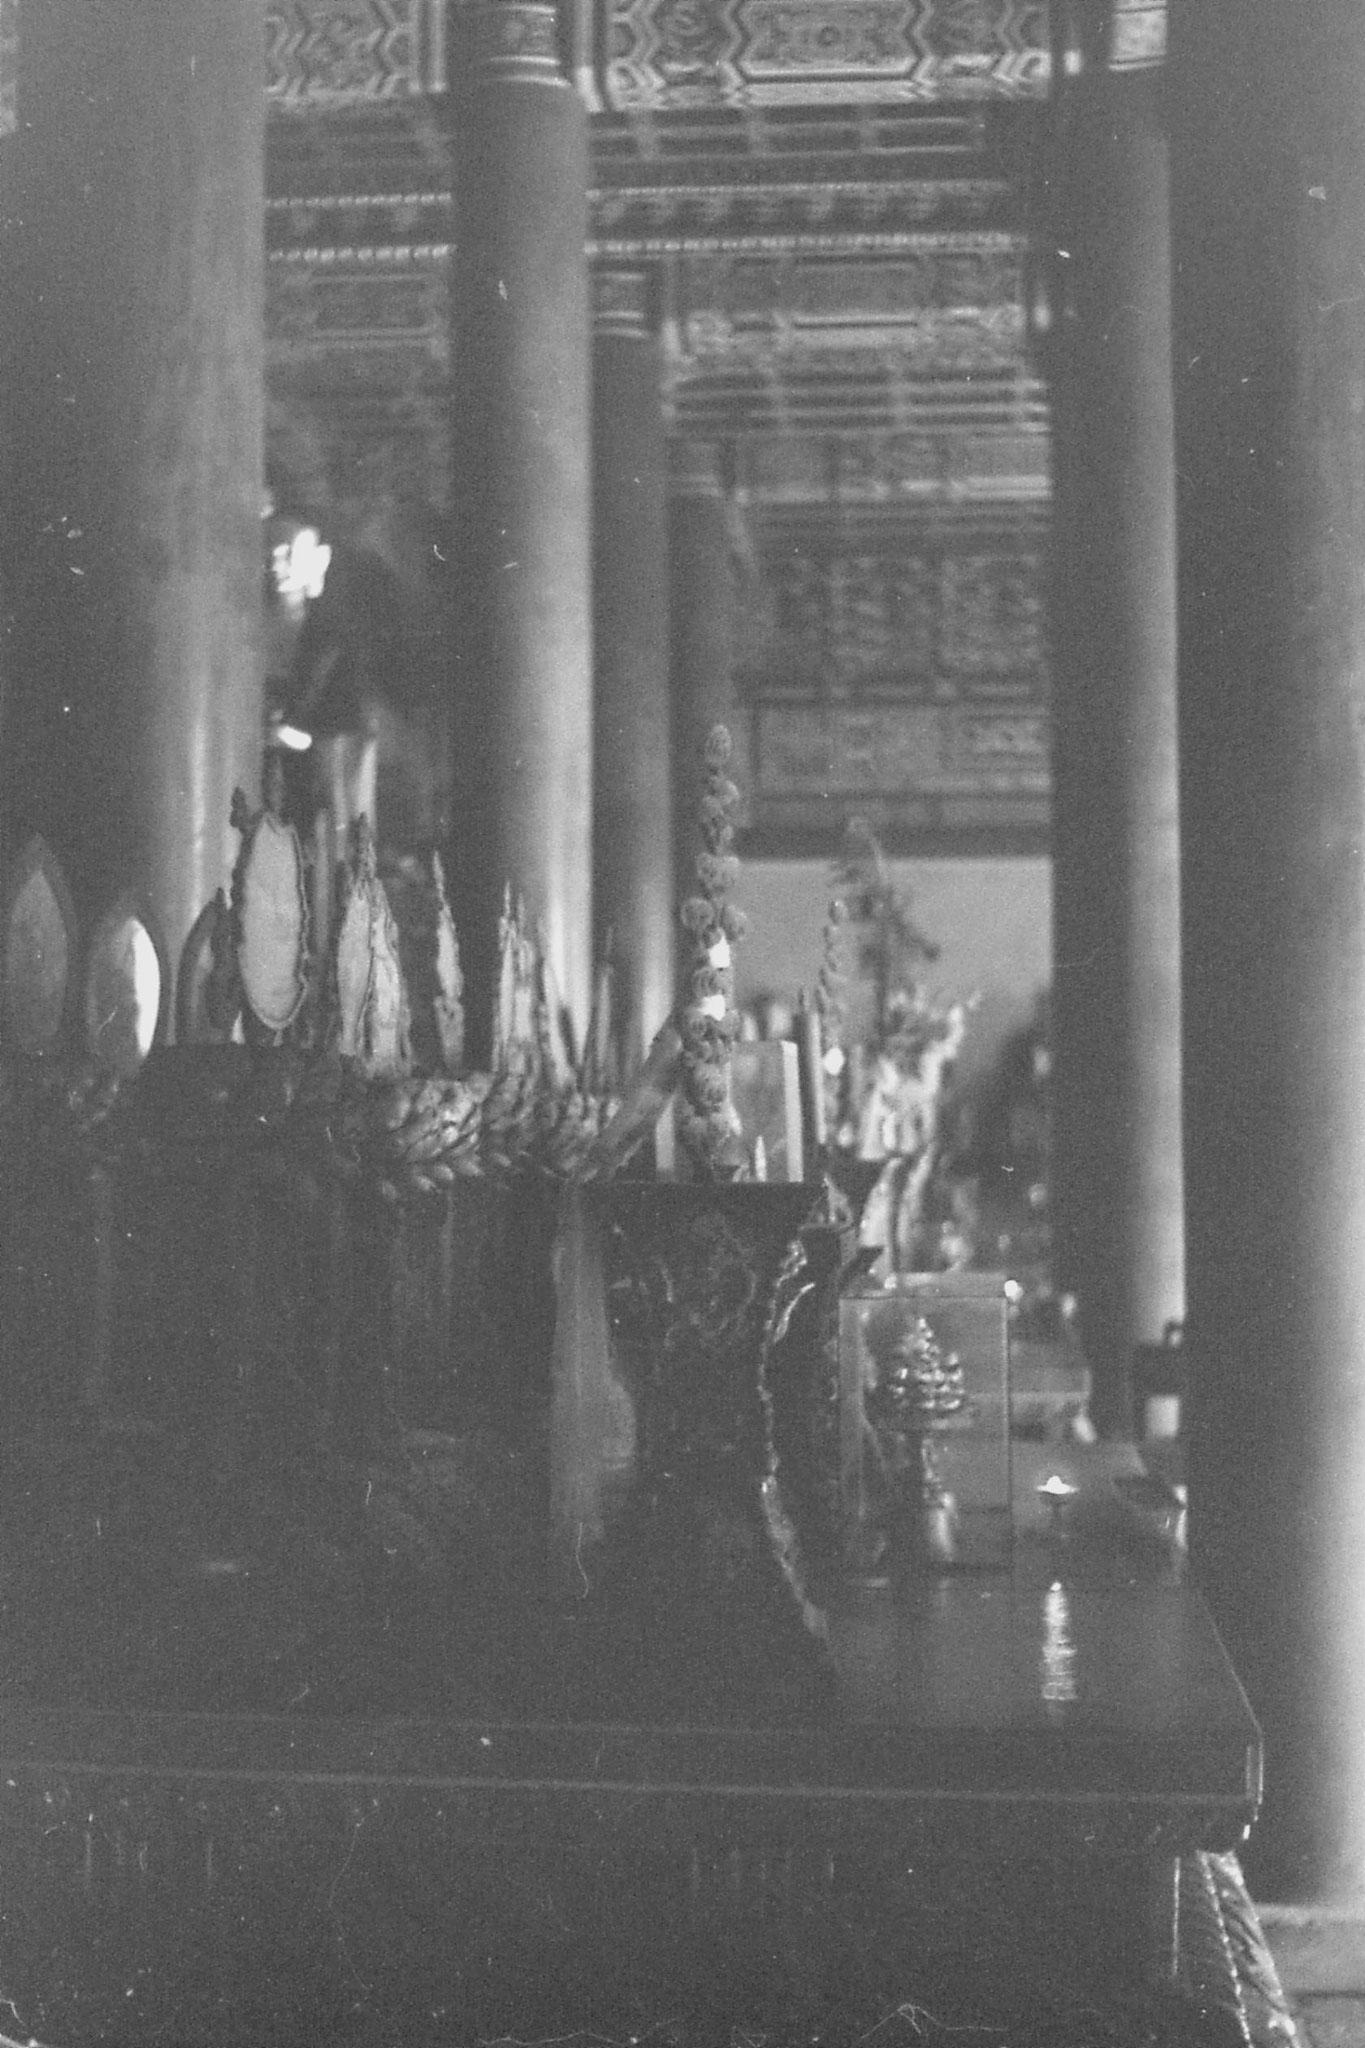 4/12/1988: 28: Yong He Temple, Beijing